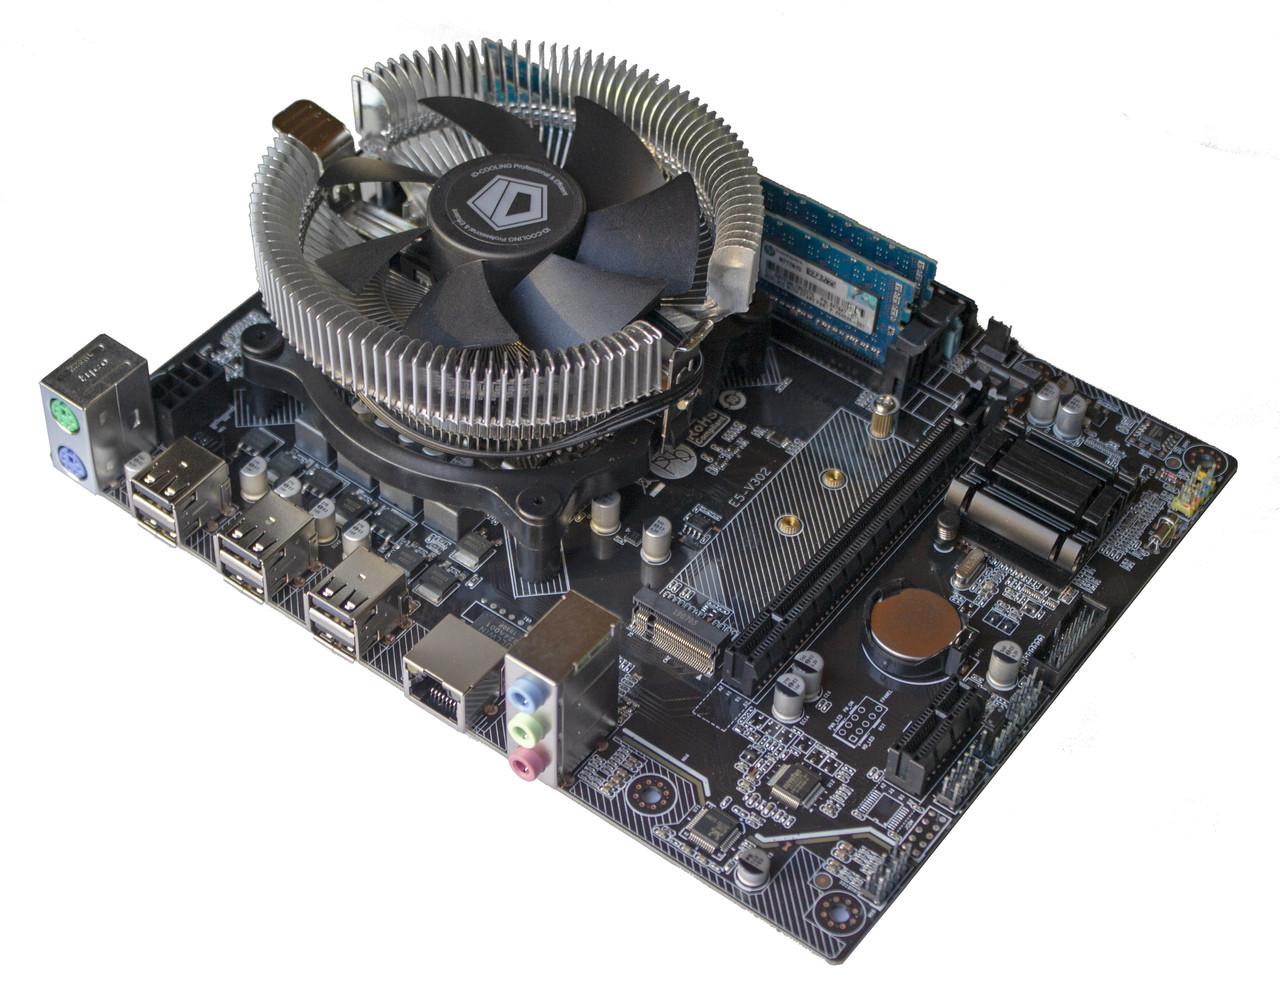 Материнская плата E5-V302 + Xeon E5-2420 1.9-2.4 GHz + 8 GB RAM + Кулер, LGA 1356